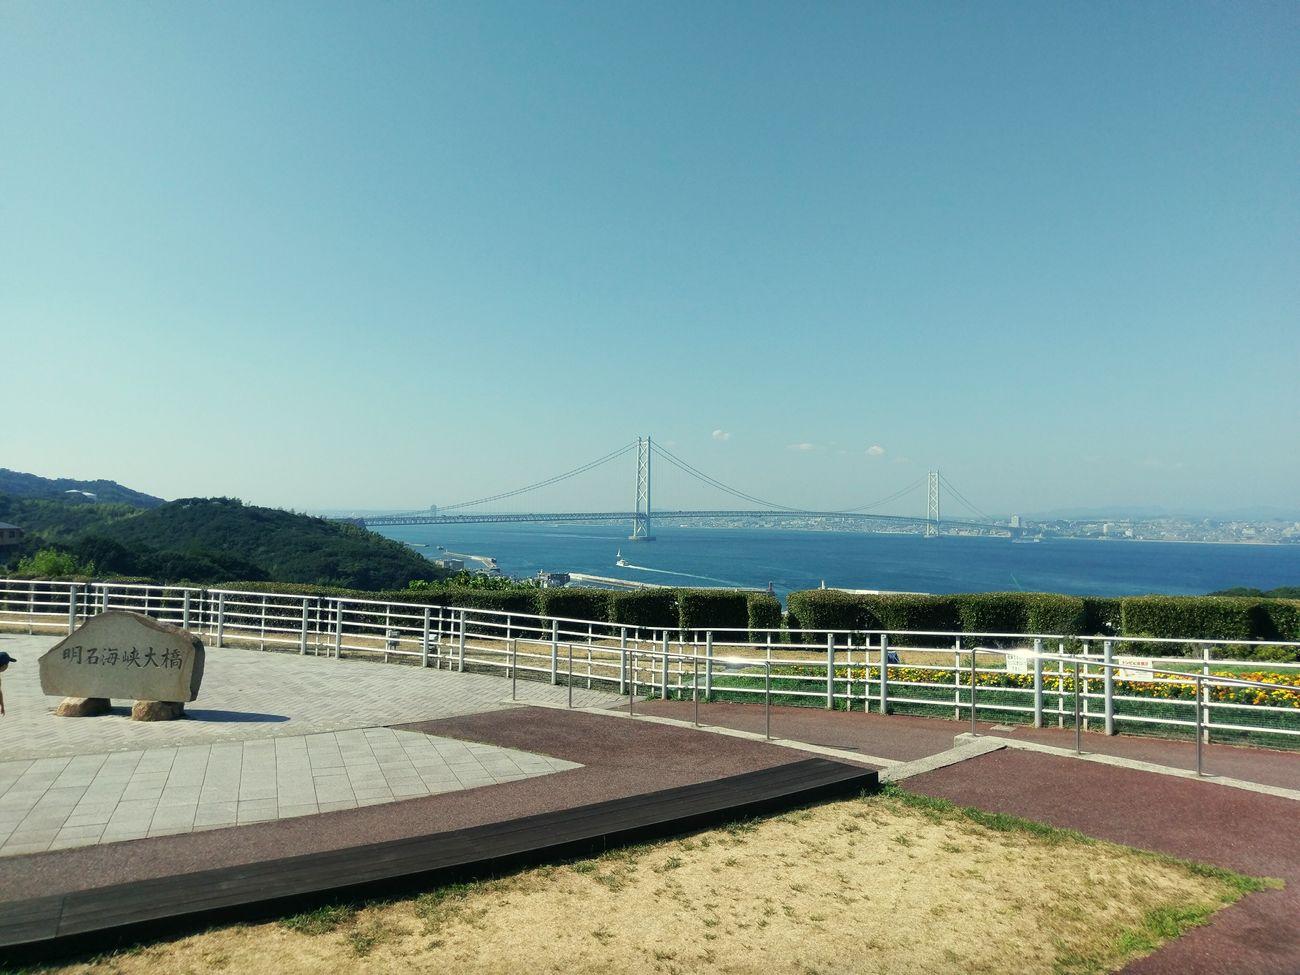 明石海峡大橋 淡路ハイウェイオアシス 海